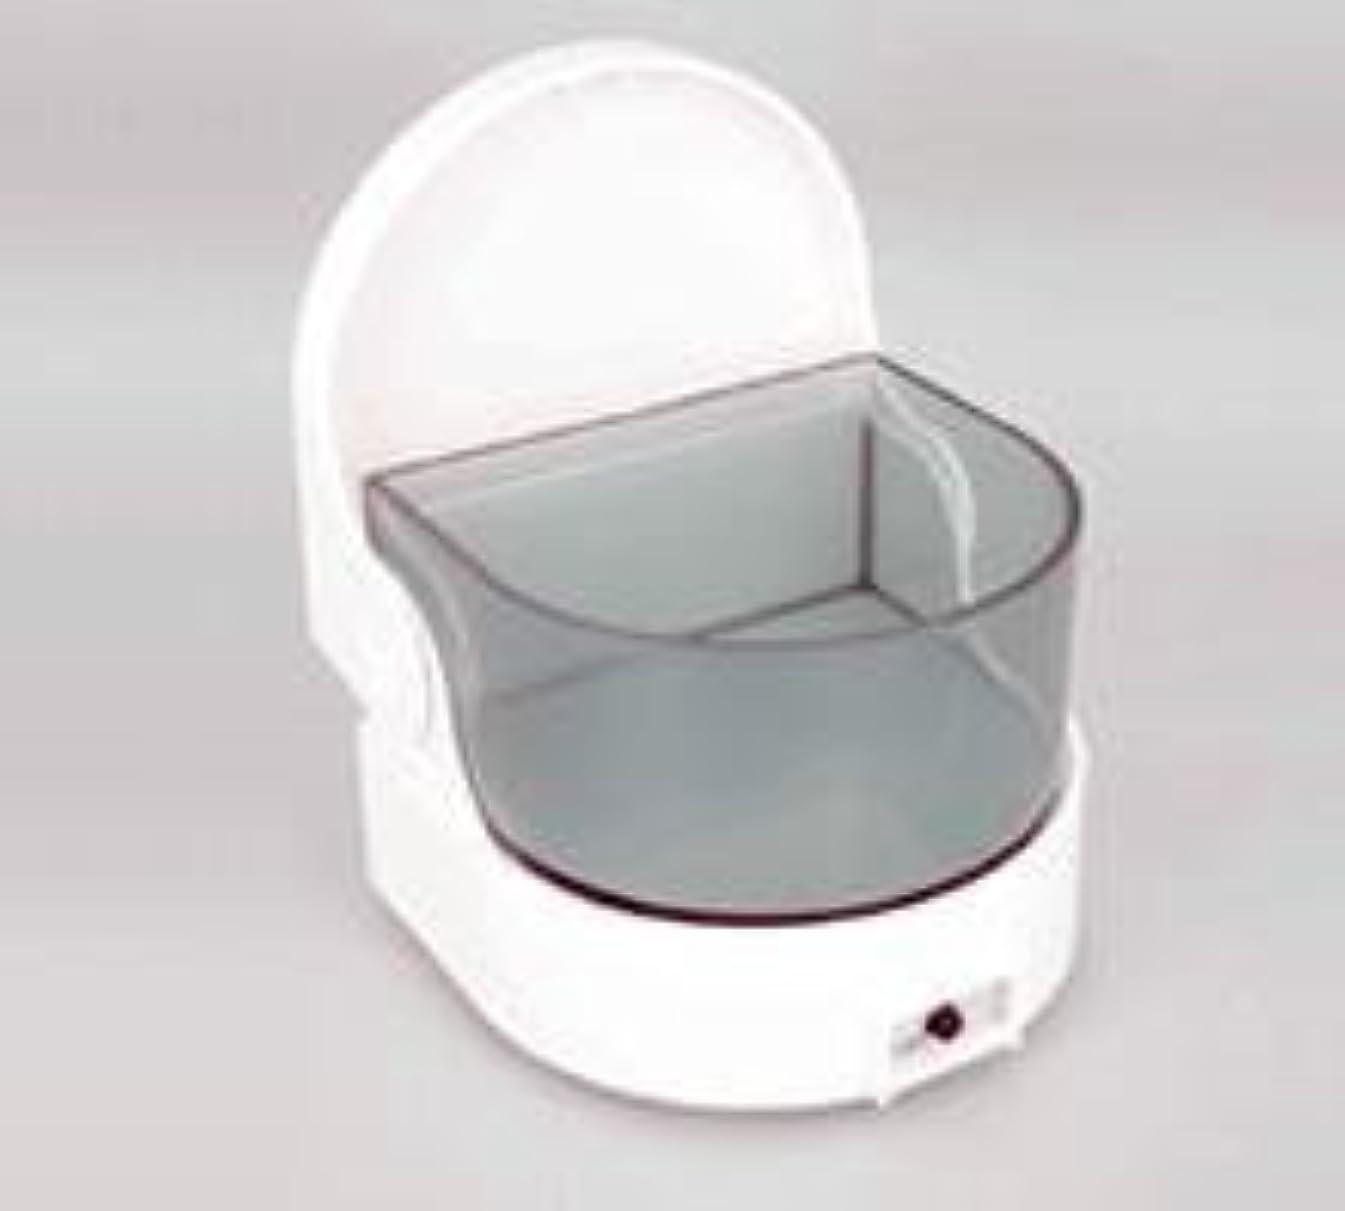 限られた促すペイン義歯洗浄保存容器 ピュア デンチャークリーナー タイマー付